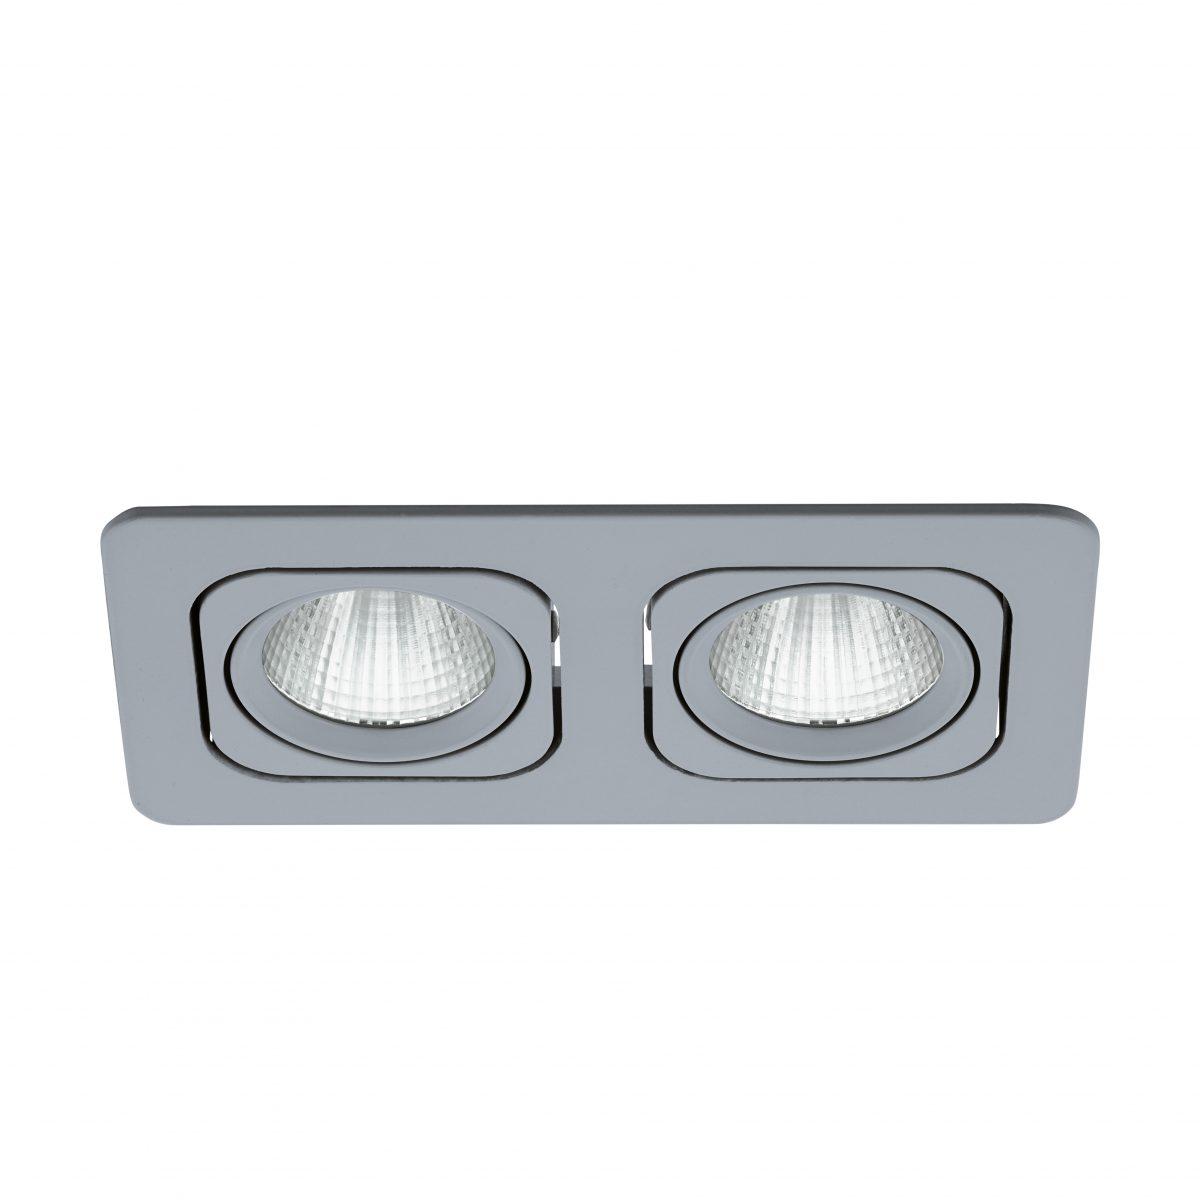 Светильник настенно-потолочный VASCELLO/PROFESSION EGLO 61643 - Фото №28